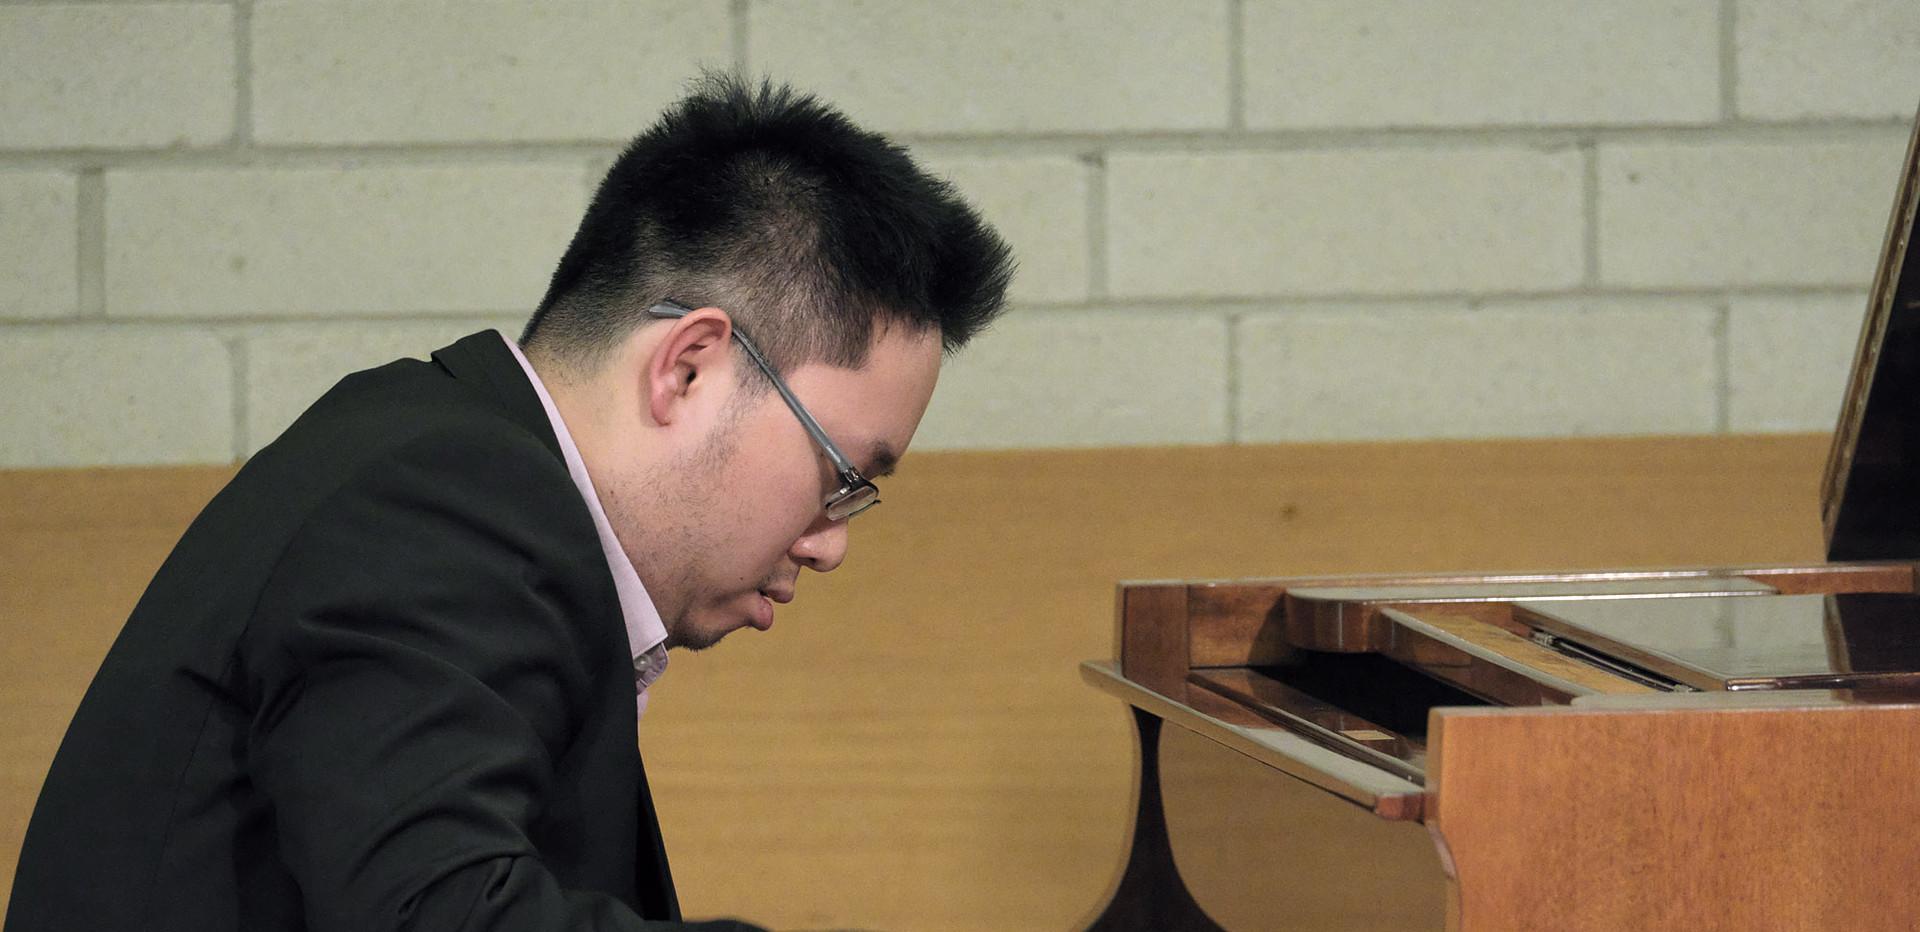 20210318a 002 Chopins Birthday Recital -